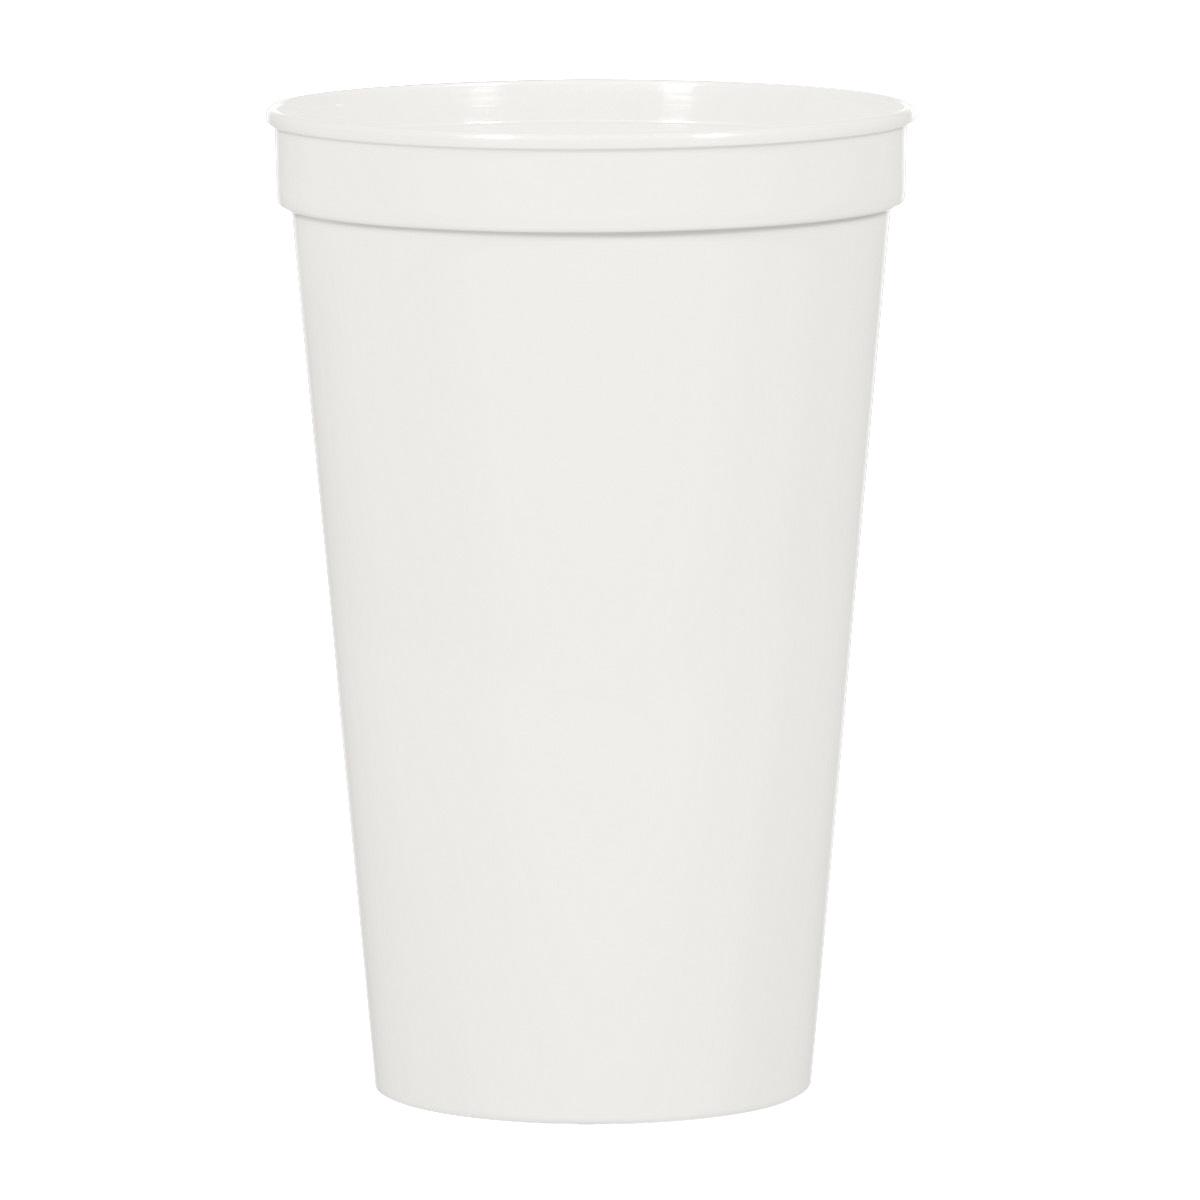 5901 - Vaso de Plástico 22 Oz.